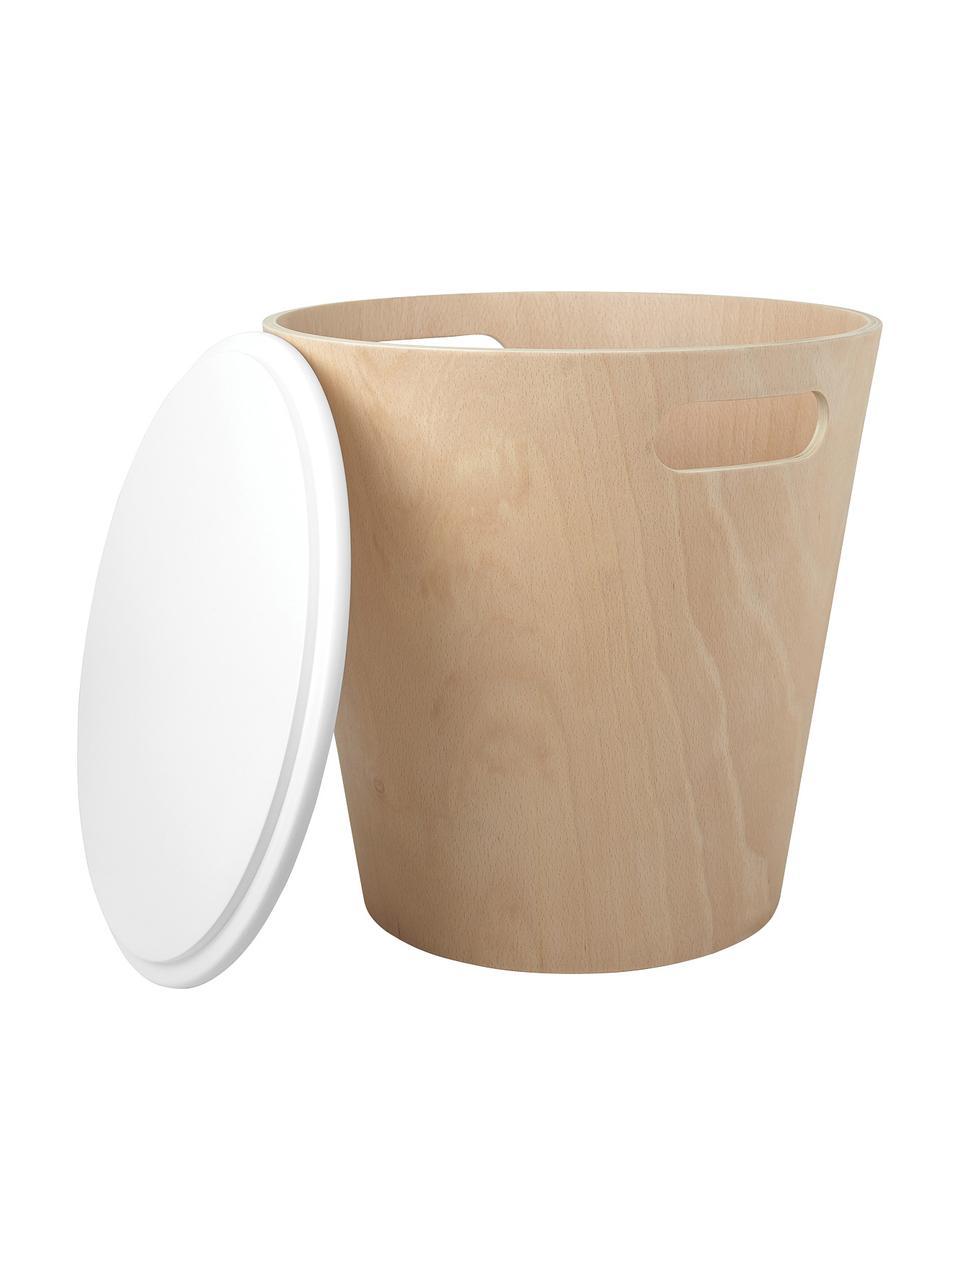 Sgabello / tavolino contenitore Woodrow, Legno verniciato, Legno, bianco, Ø 41 x Alt. 42 cm